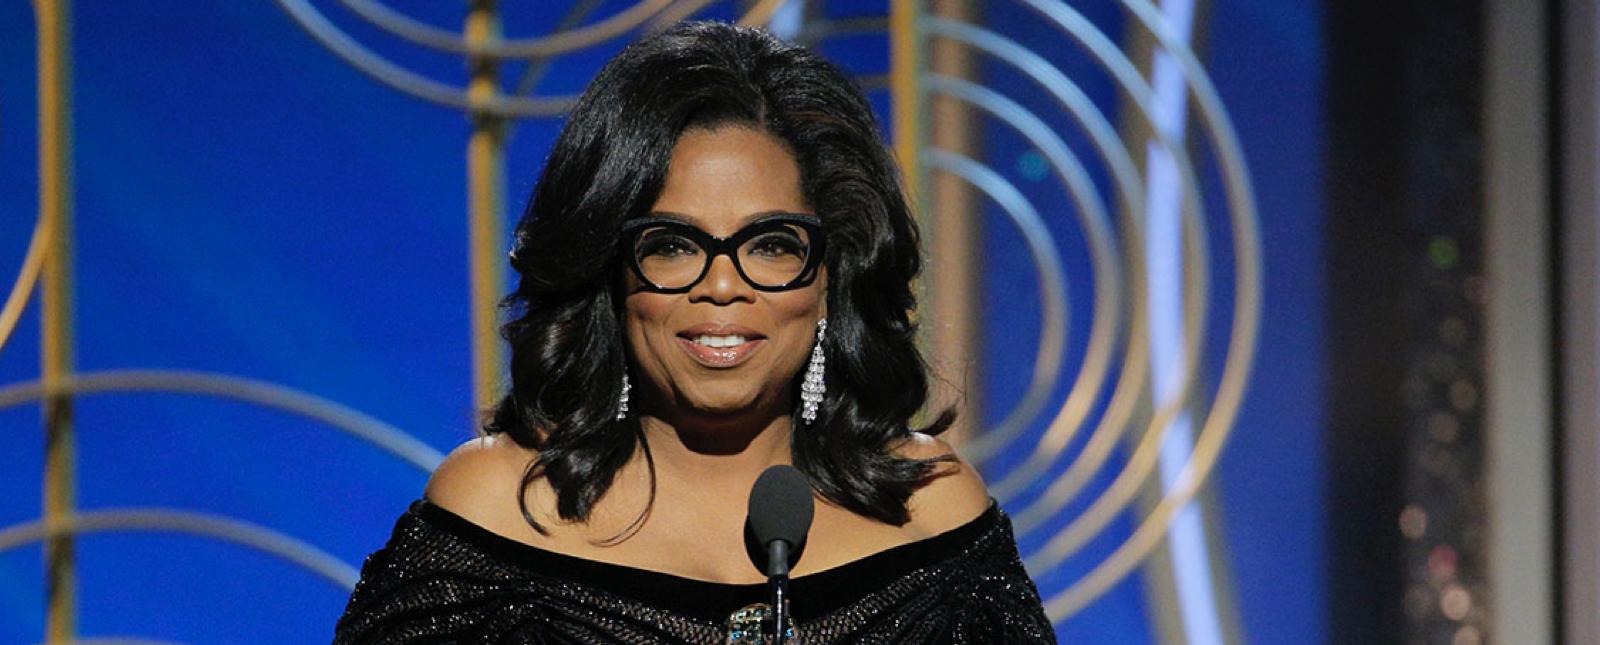 Cuál fue el look más icónico de los Golden Globe, según el año en que naciste